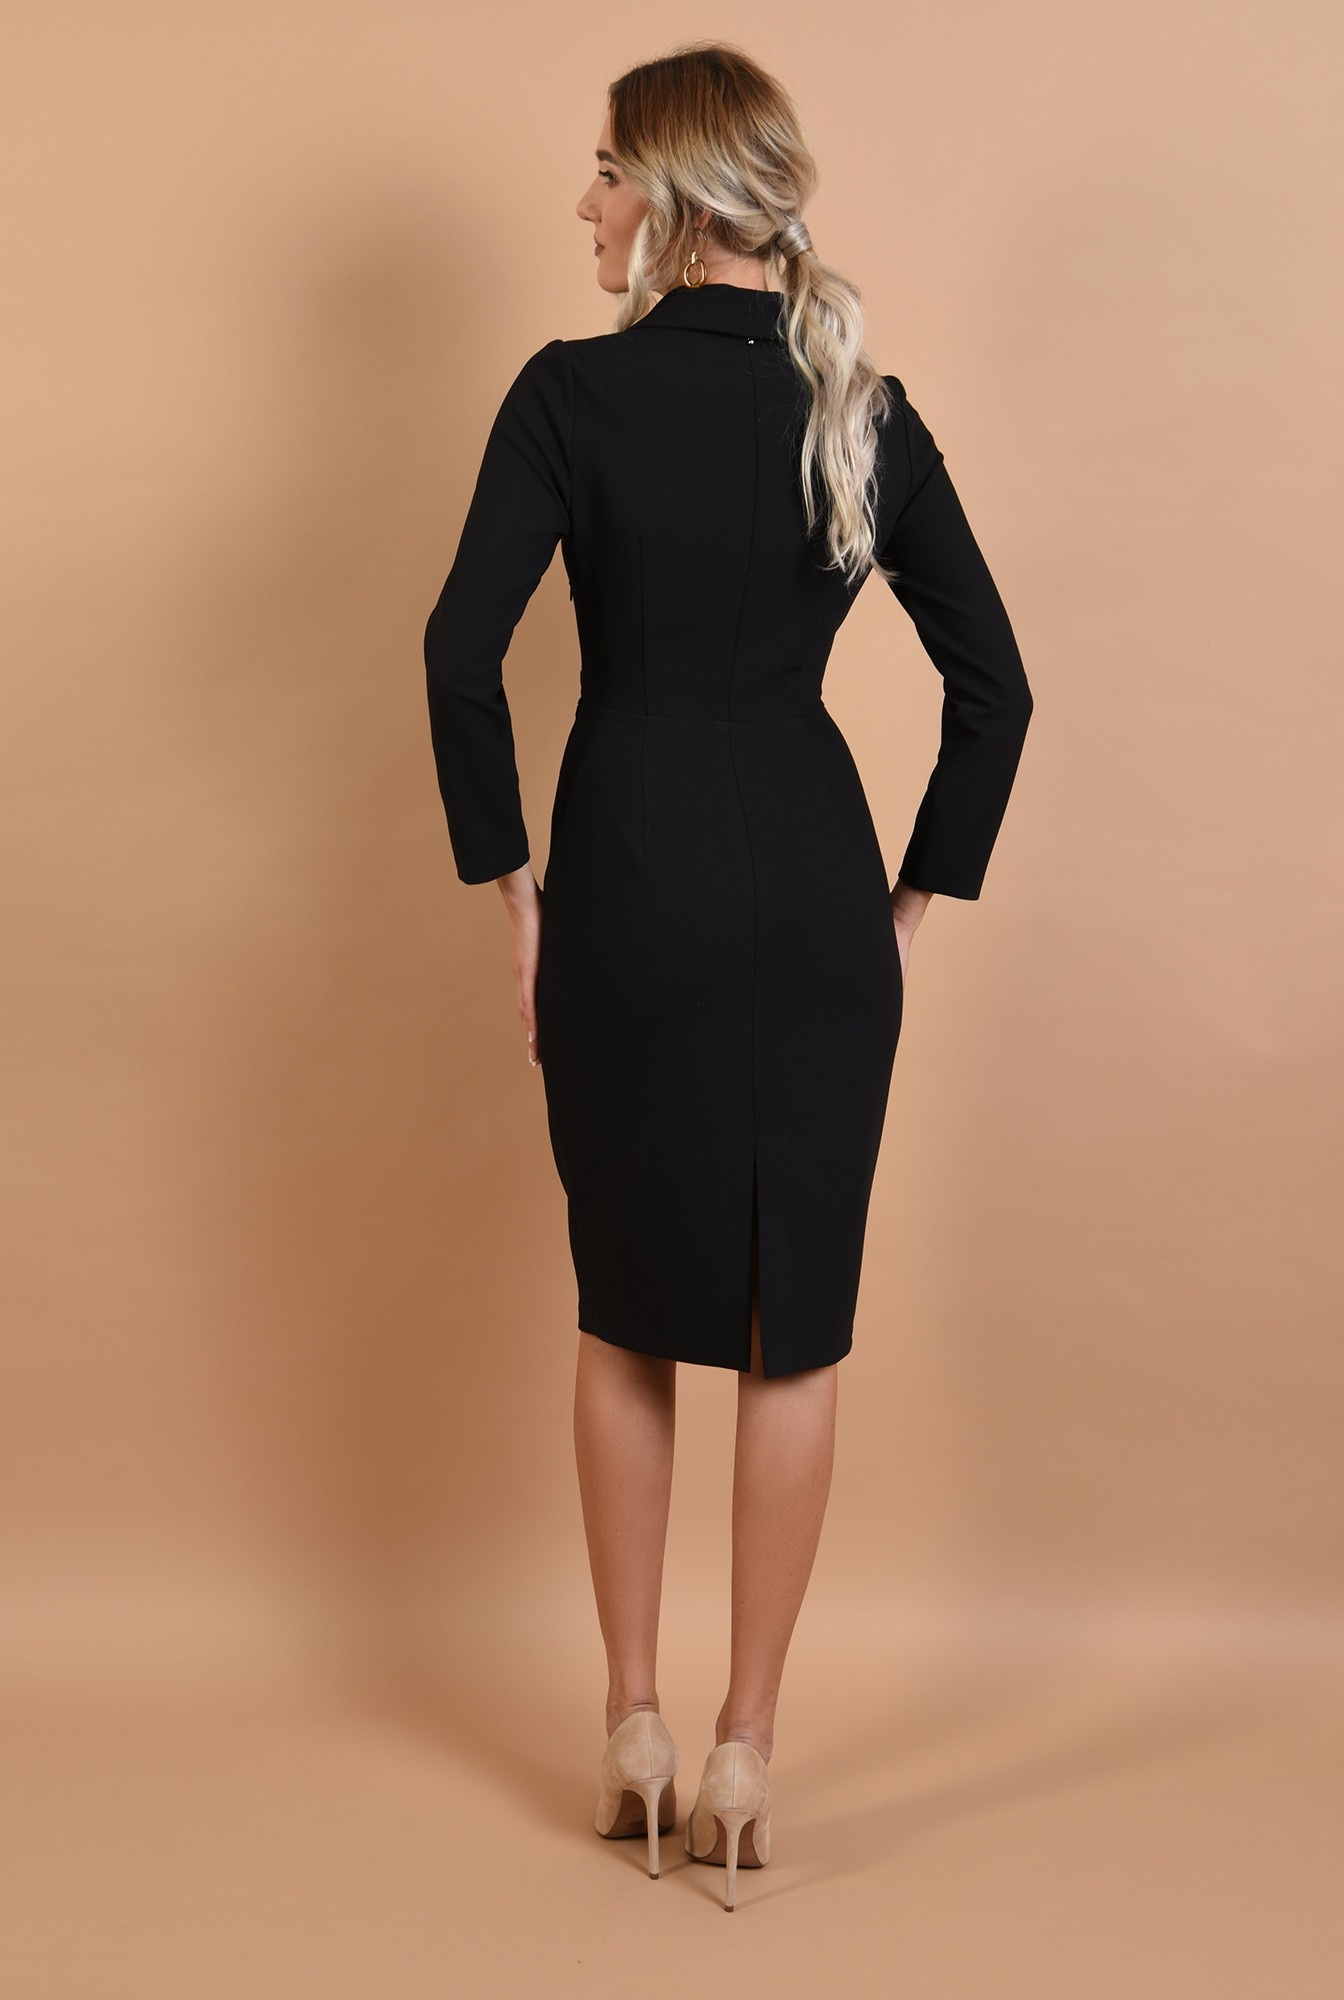 1 - rochie neagra, conica, office, Poema, cu revere sal